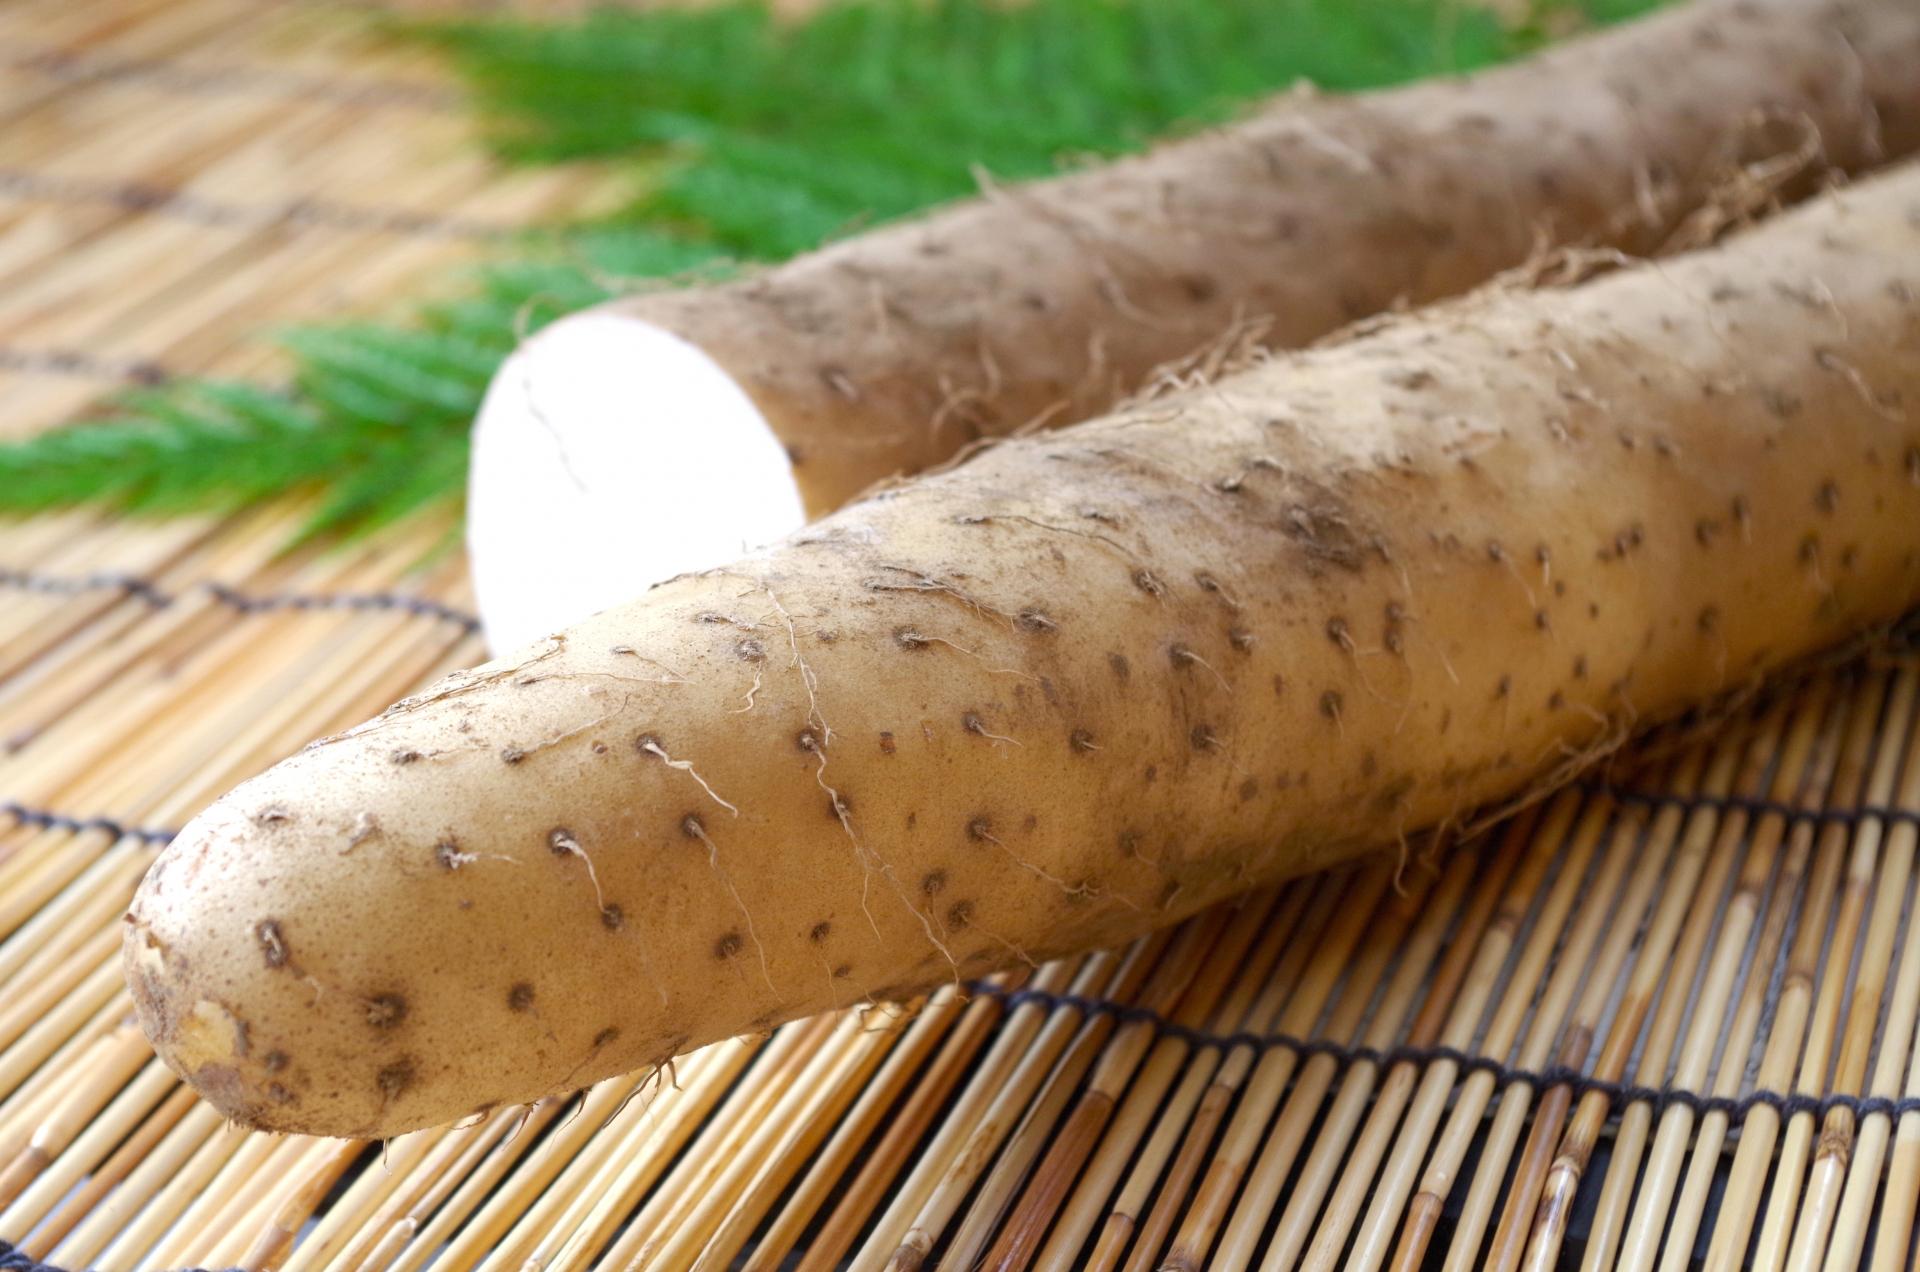 【ためしてガッテン|便秘改善】長芋を生食でおいしく食べるレシピ!レジスタントスターチで腸内環境が改善?